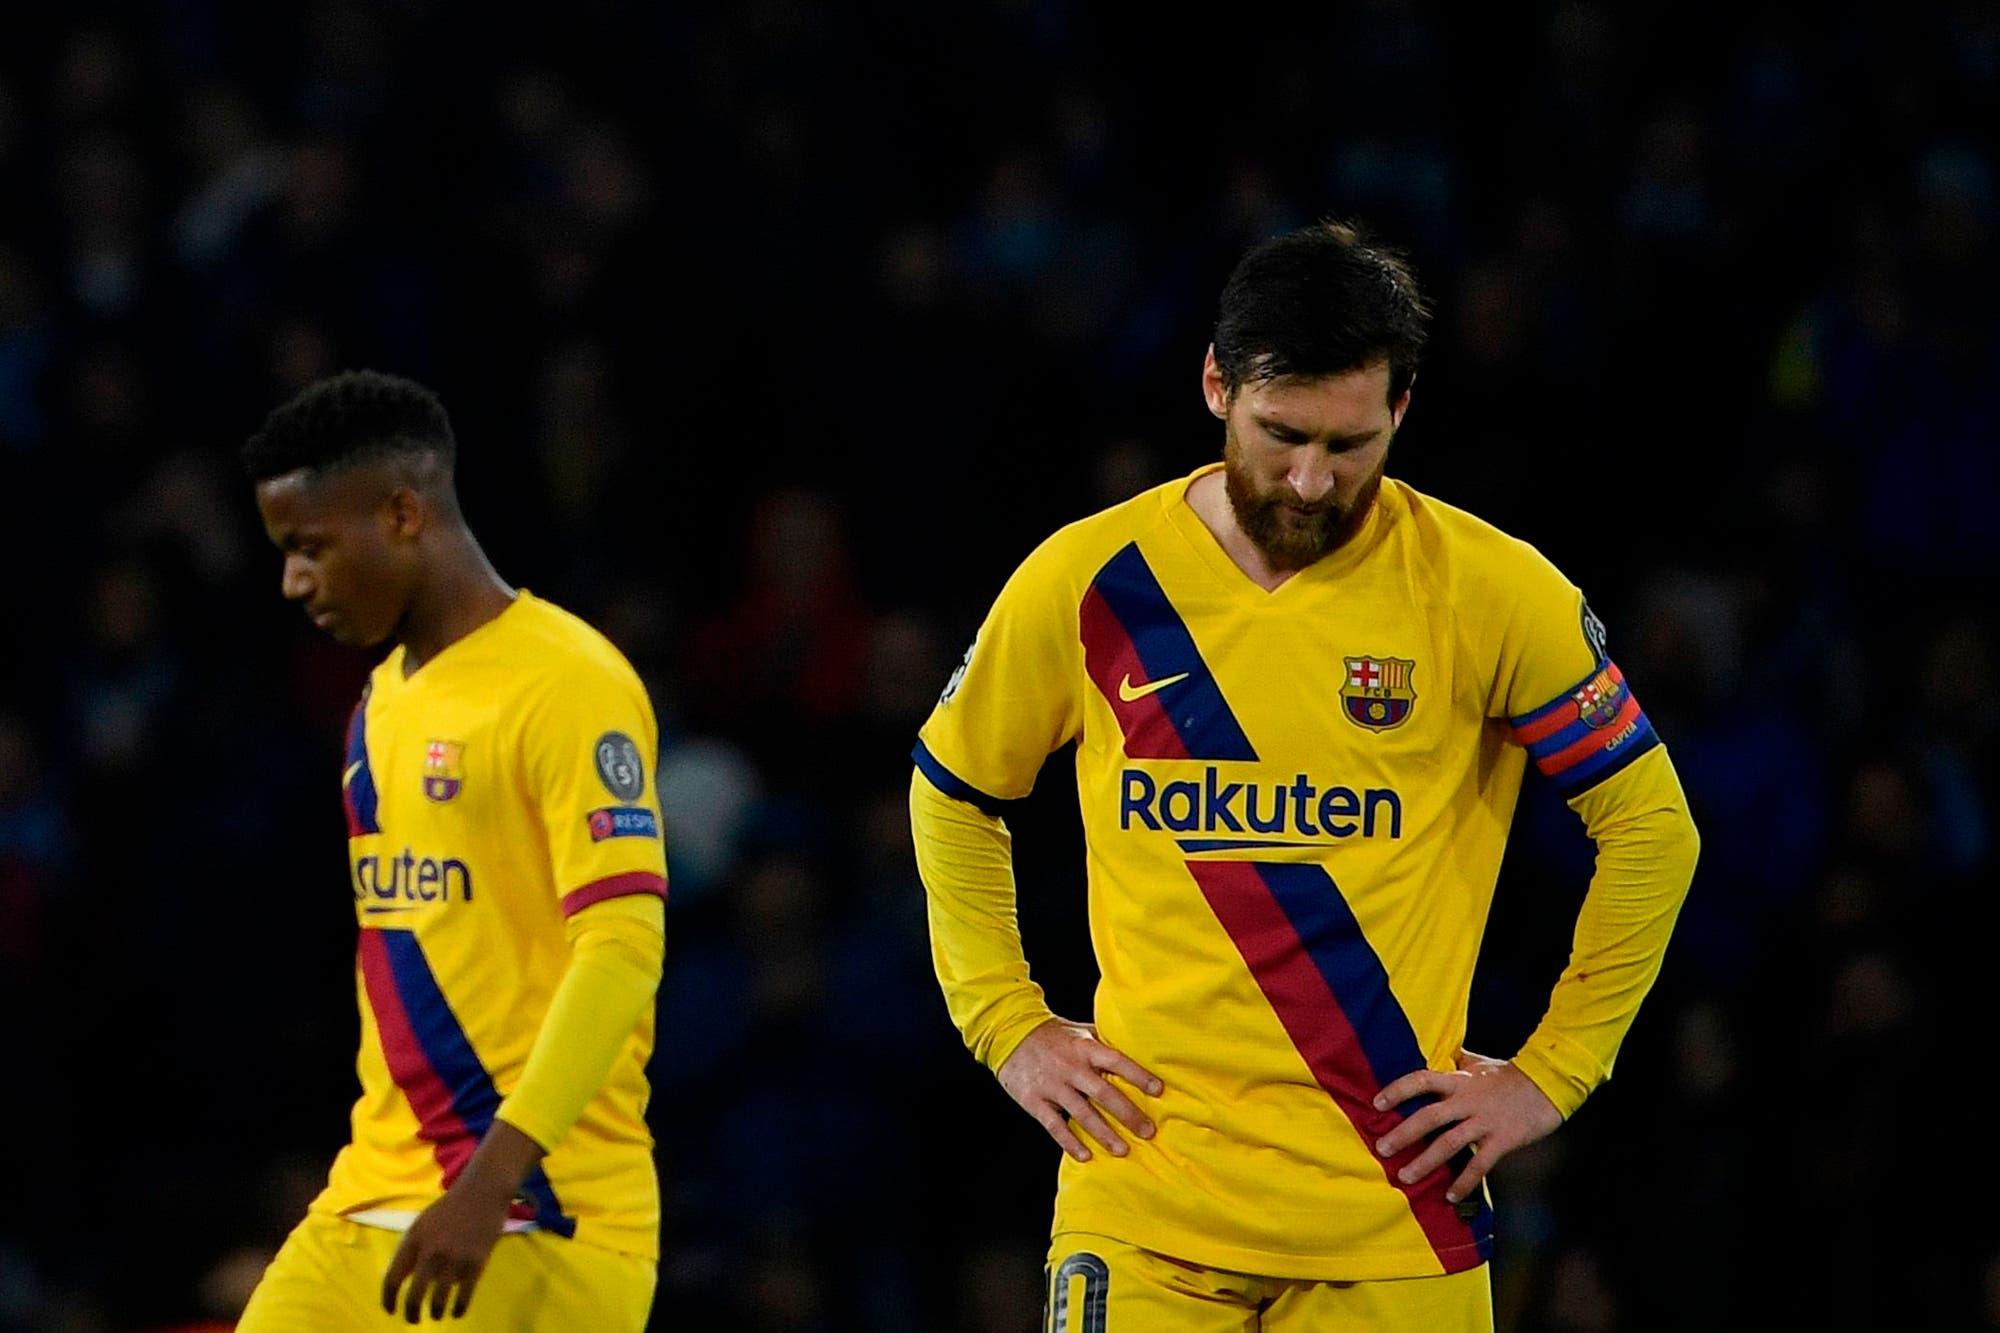 Messi pasó por primera vez por el San Paolo sin emular a Maradona ni al mejor Messi